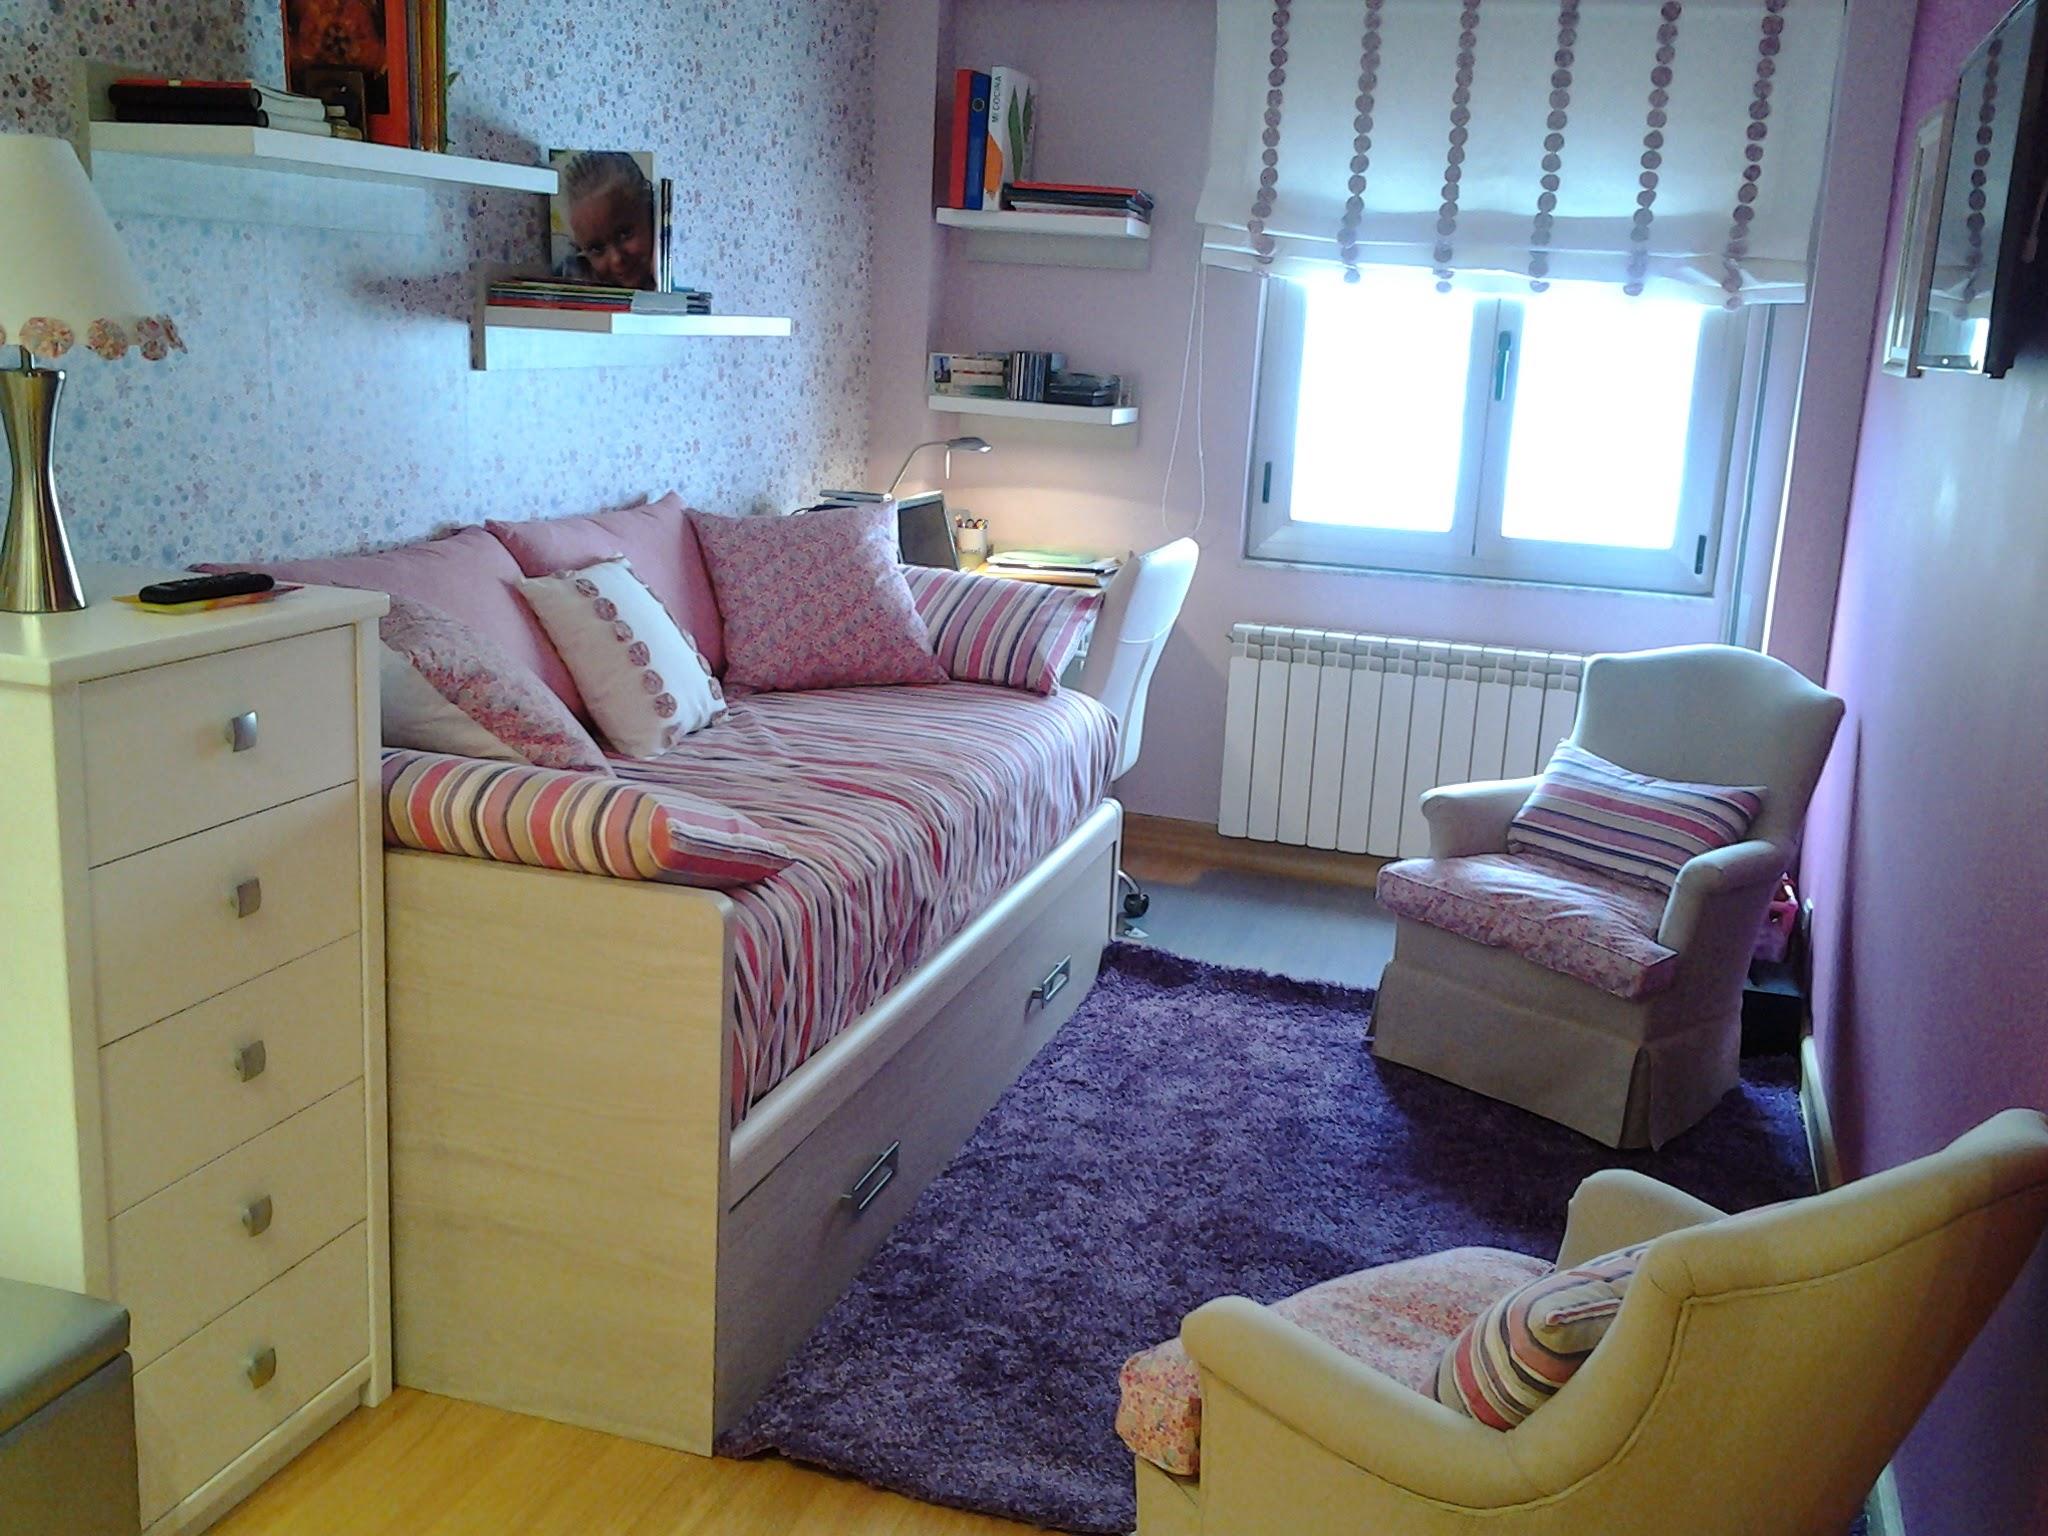 Reforma Baño Paso A Paso:Reforma de dormitorio en León paso a paso